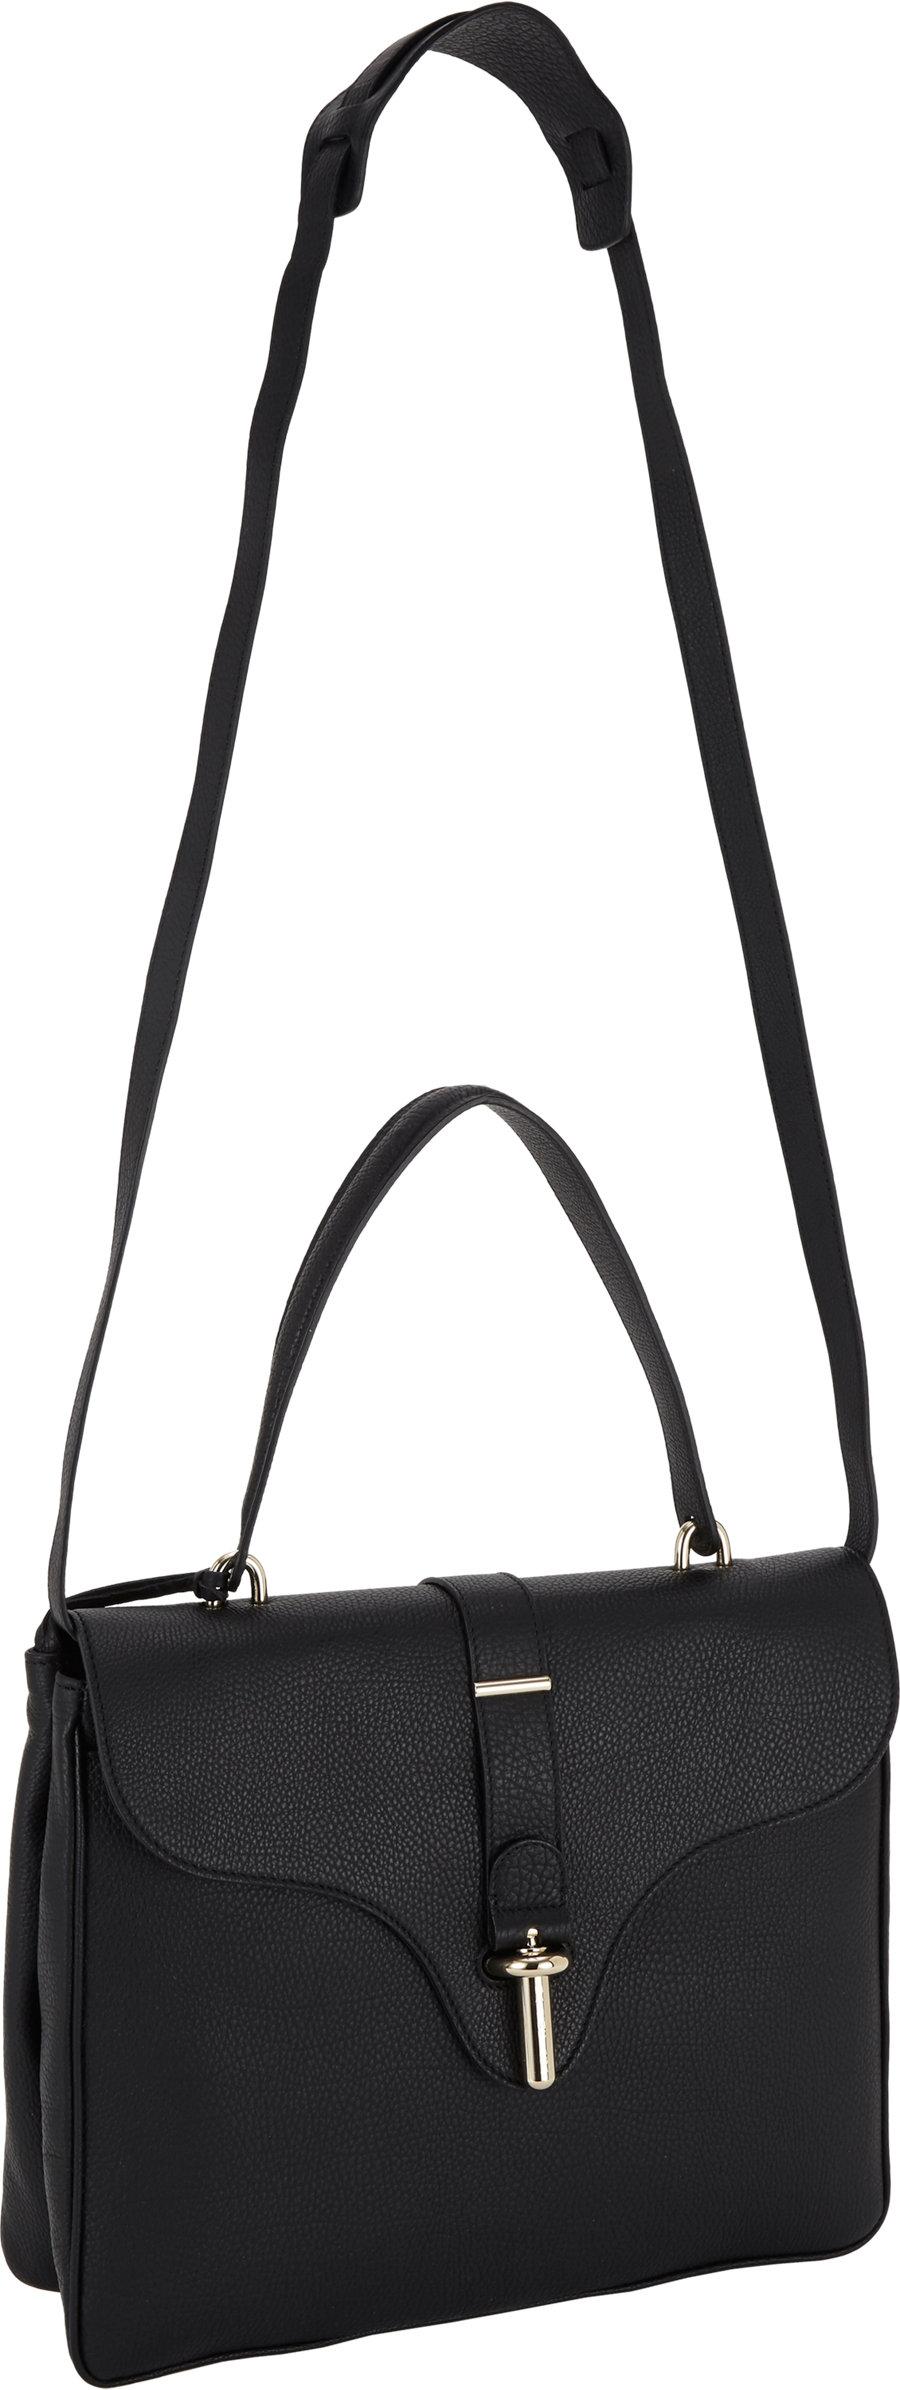 507582e5cb Balenciaga Tube Square Bag in Black - Lyst